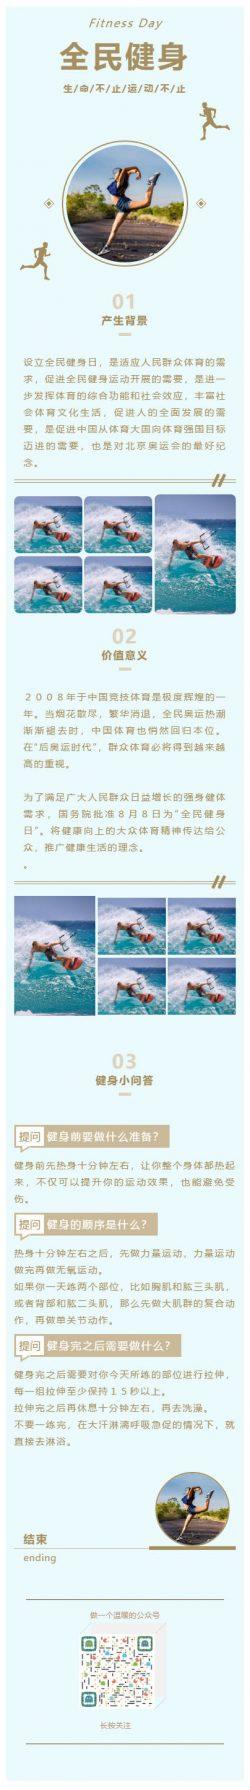 体育运动微信公众号文章模板推送图文素材跑步游泳健身